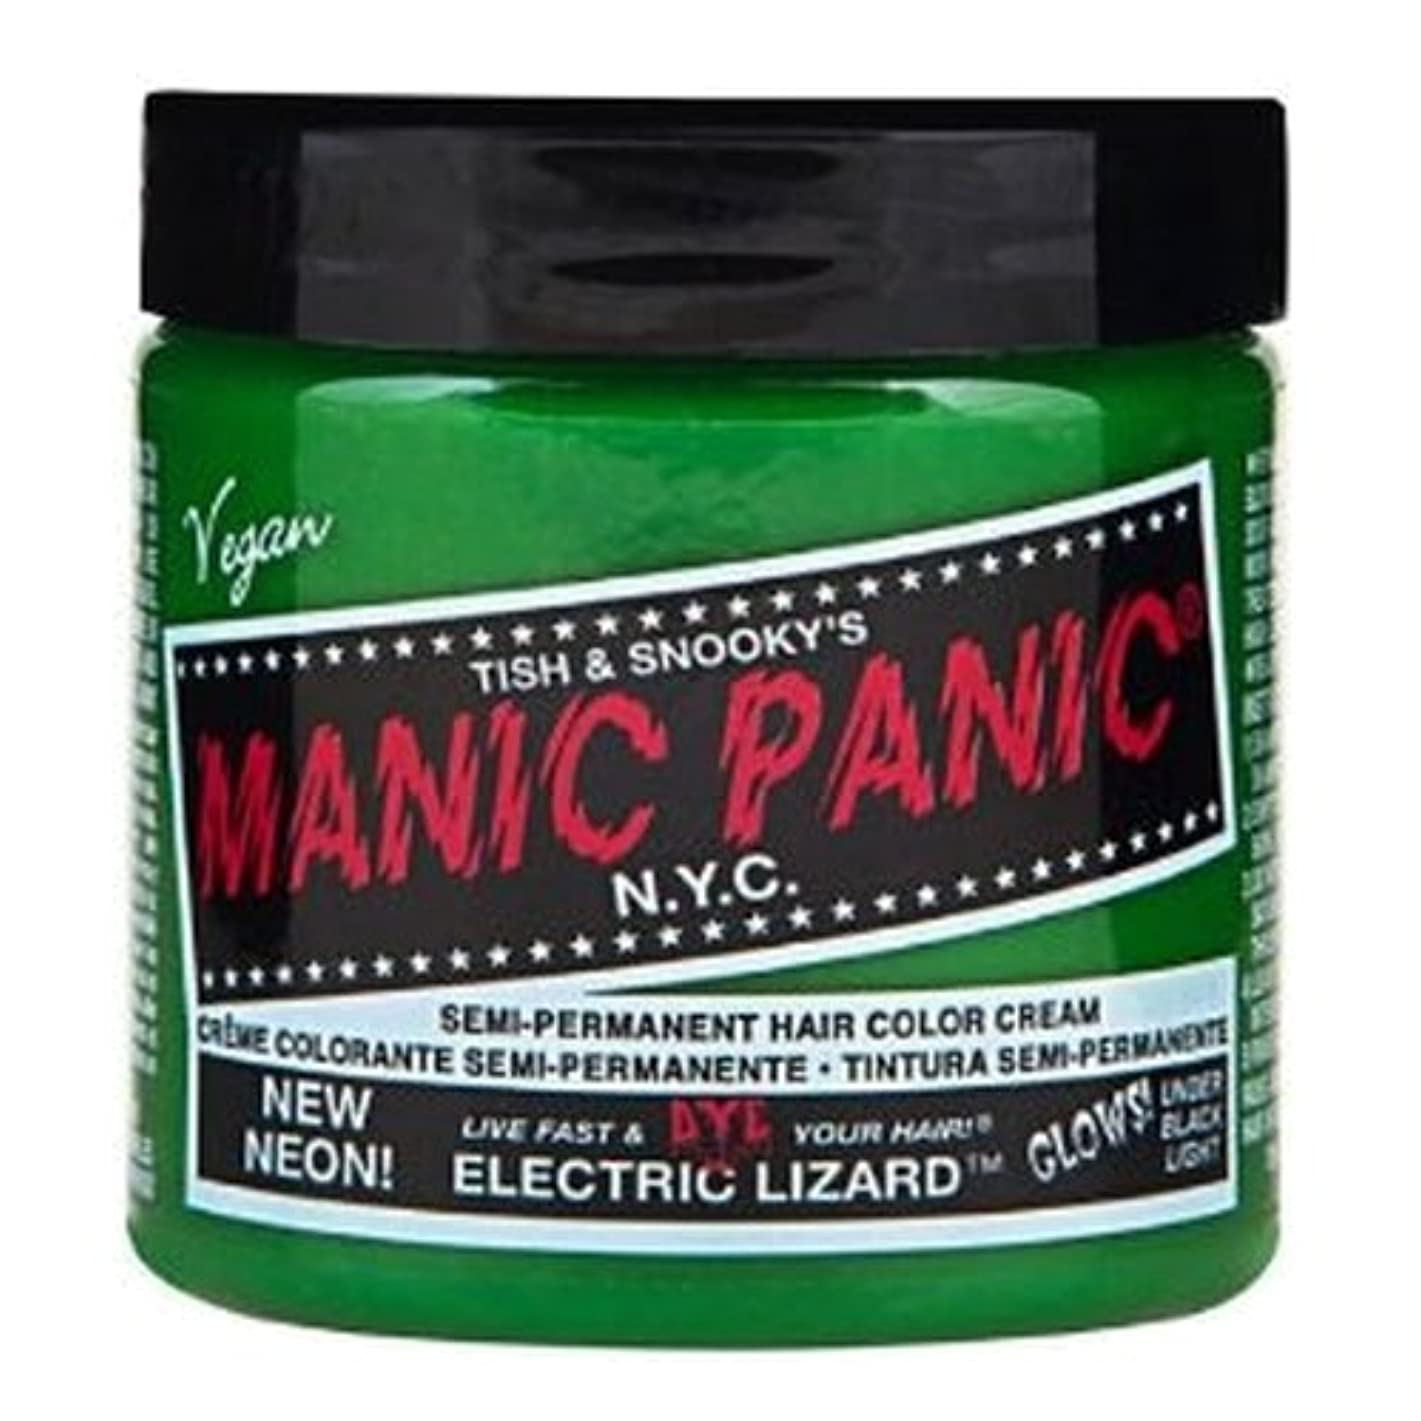 利得月種マニックパニック カラークリーム エレクトリックリザード